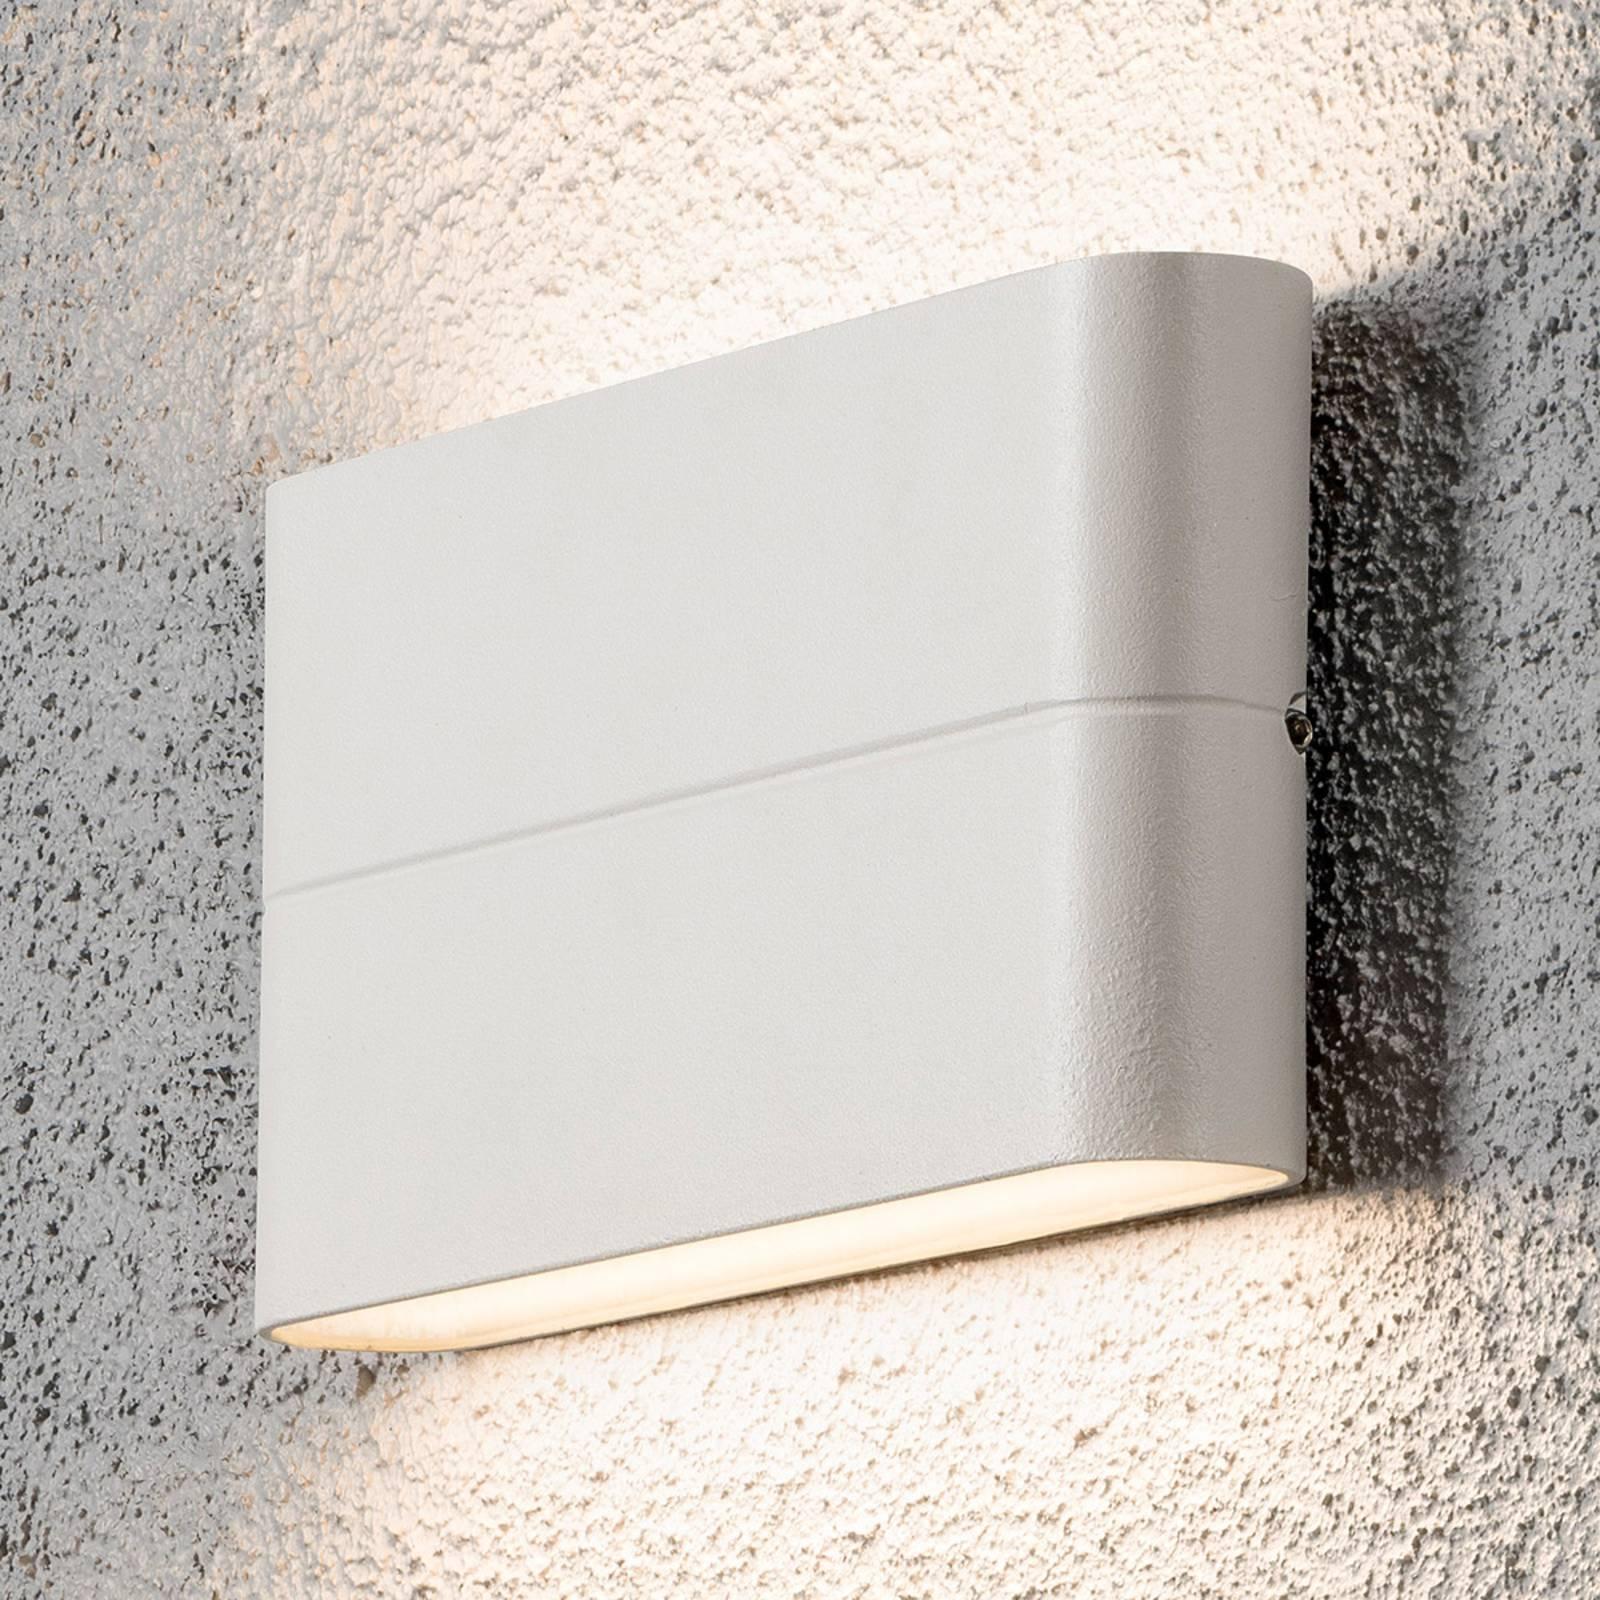 LED-ulkoseinälamppu Chieri 17 cm valkoinen